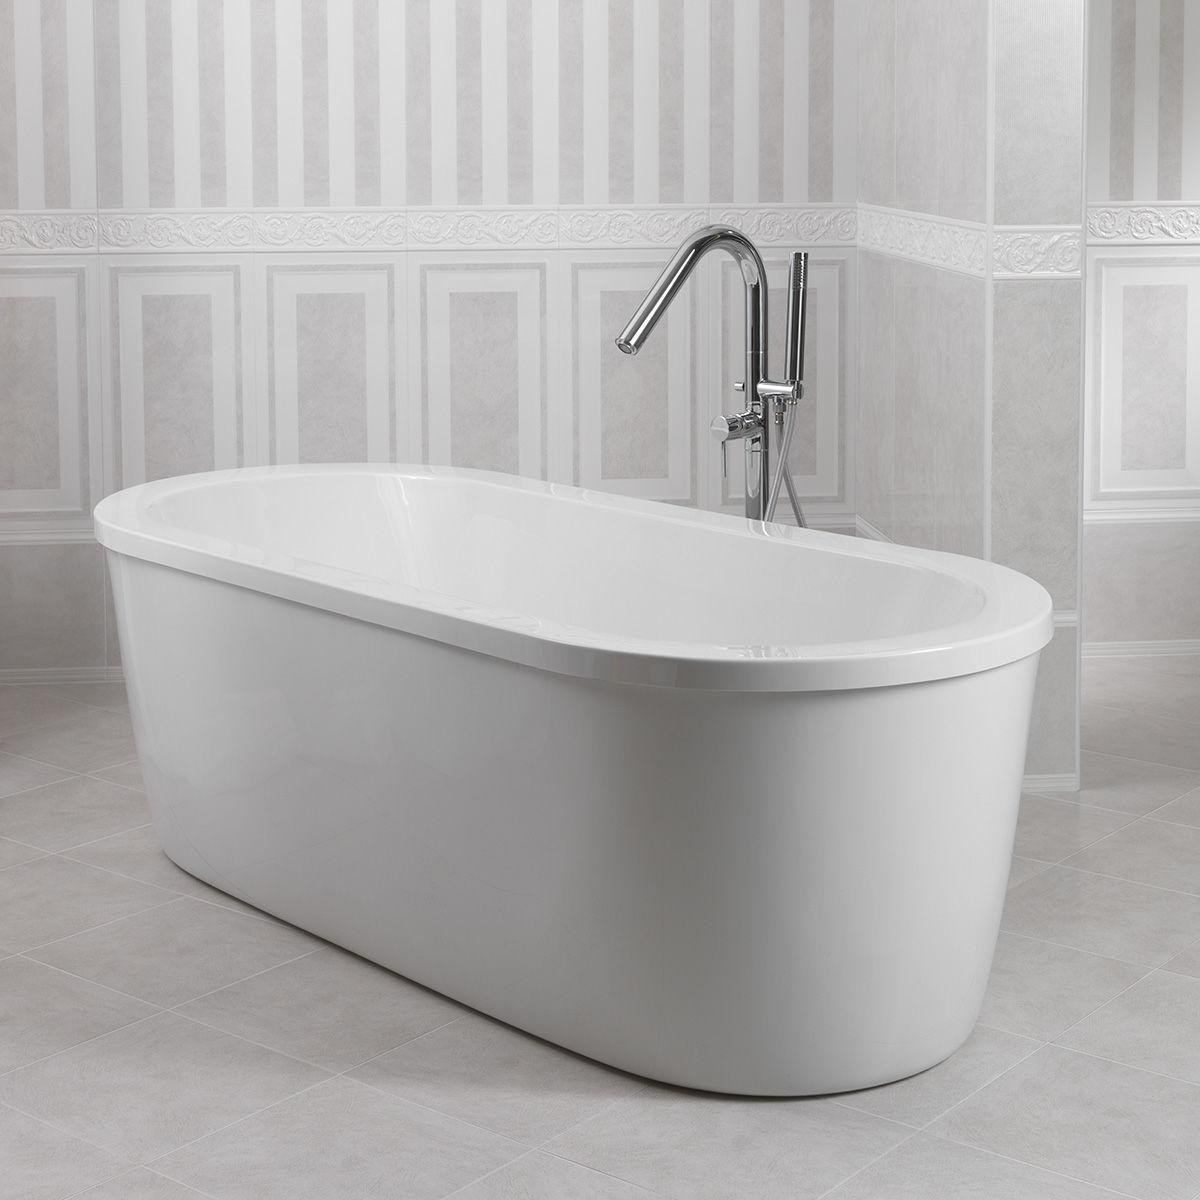 Vasca centro stanza loft 180 x 80 cm prezzi e offerte online - Pareti vasca da bagno prezzi ...